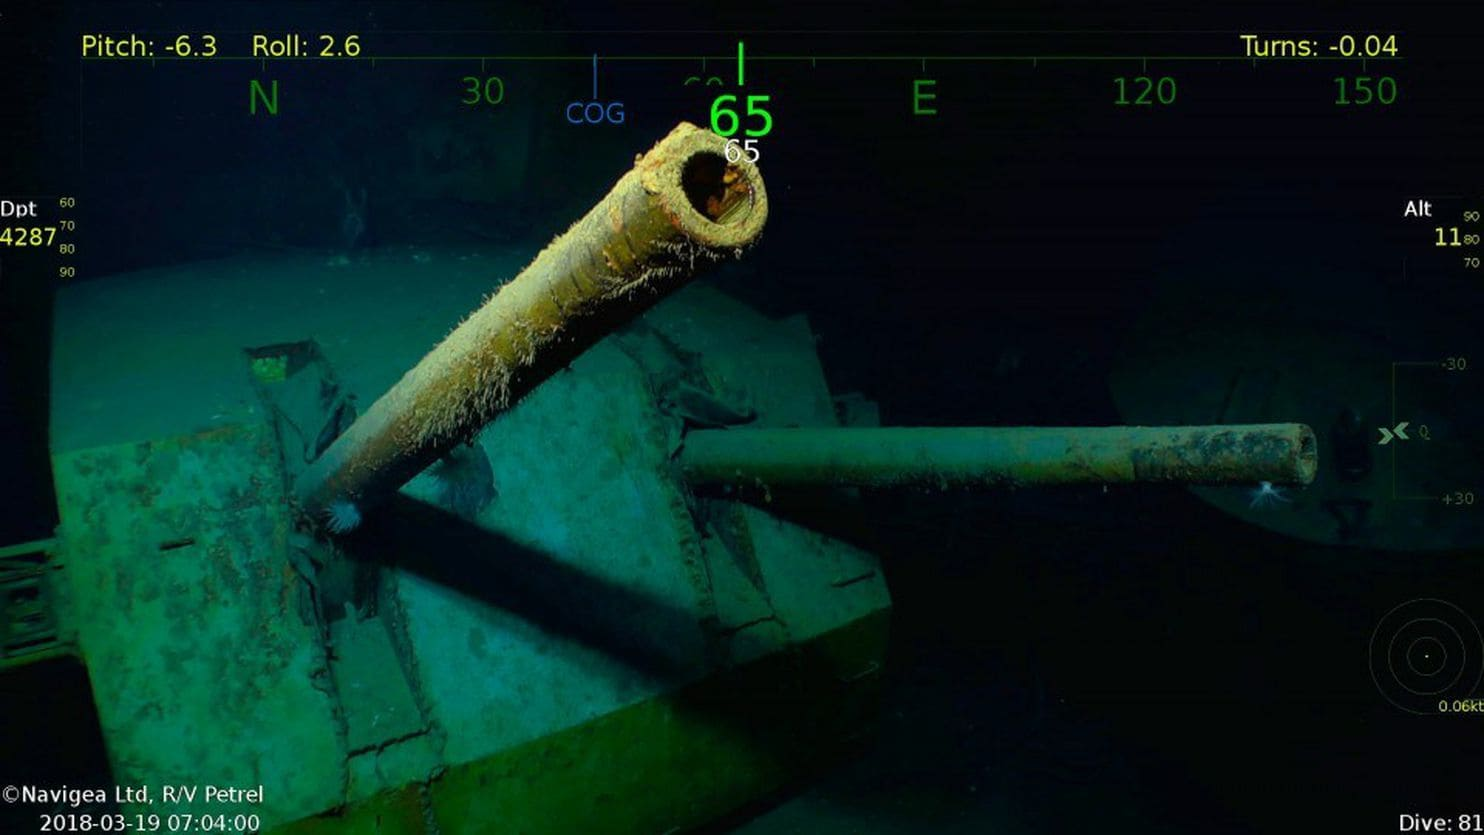 Tìm thấy chiến hạm bị chôn vùi cùng 5 anh em anh hùng nước Mỹ